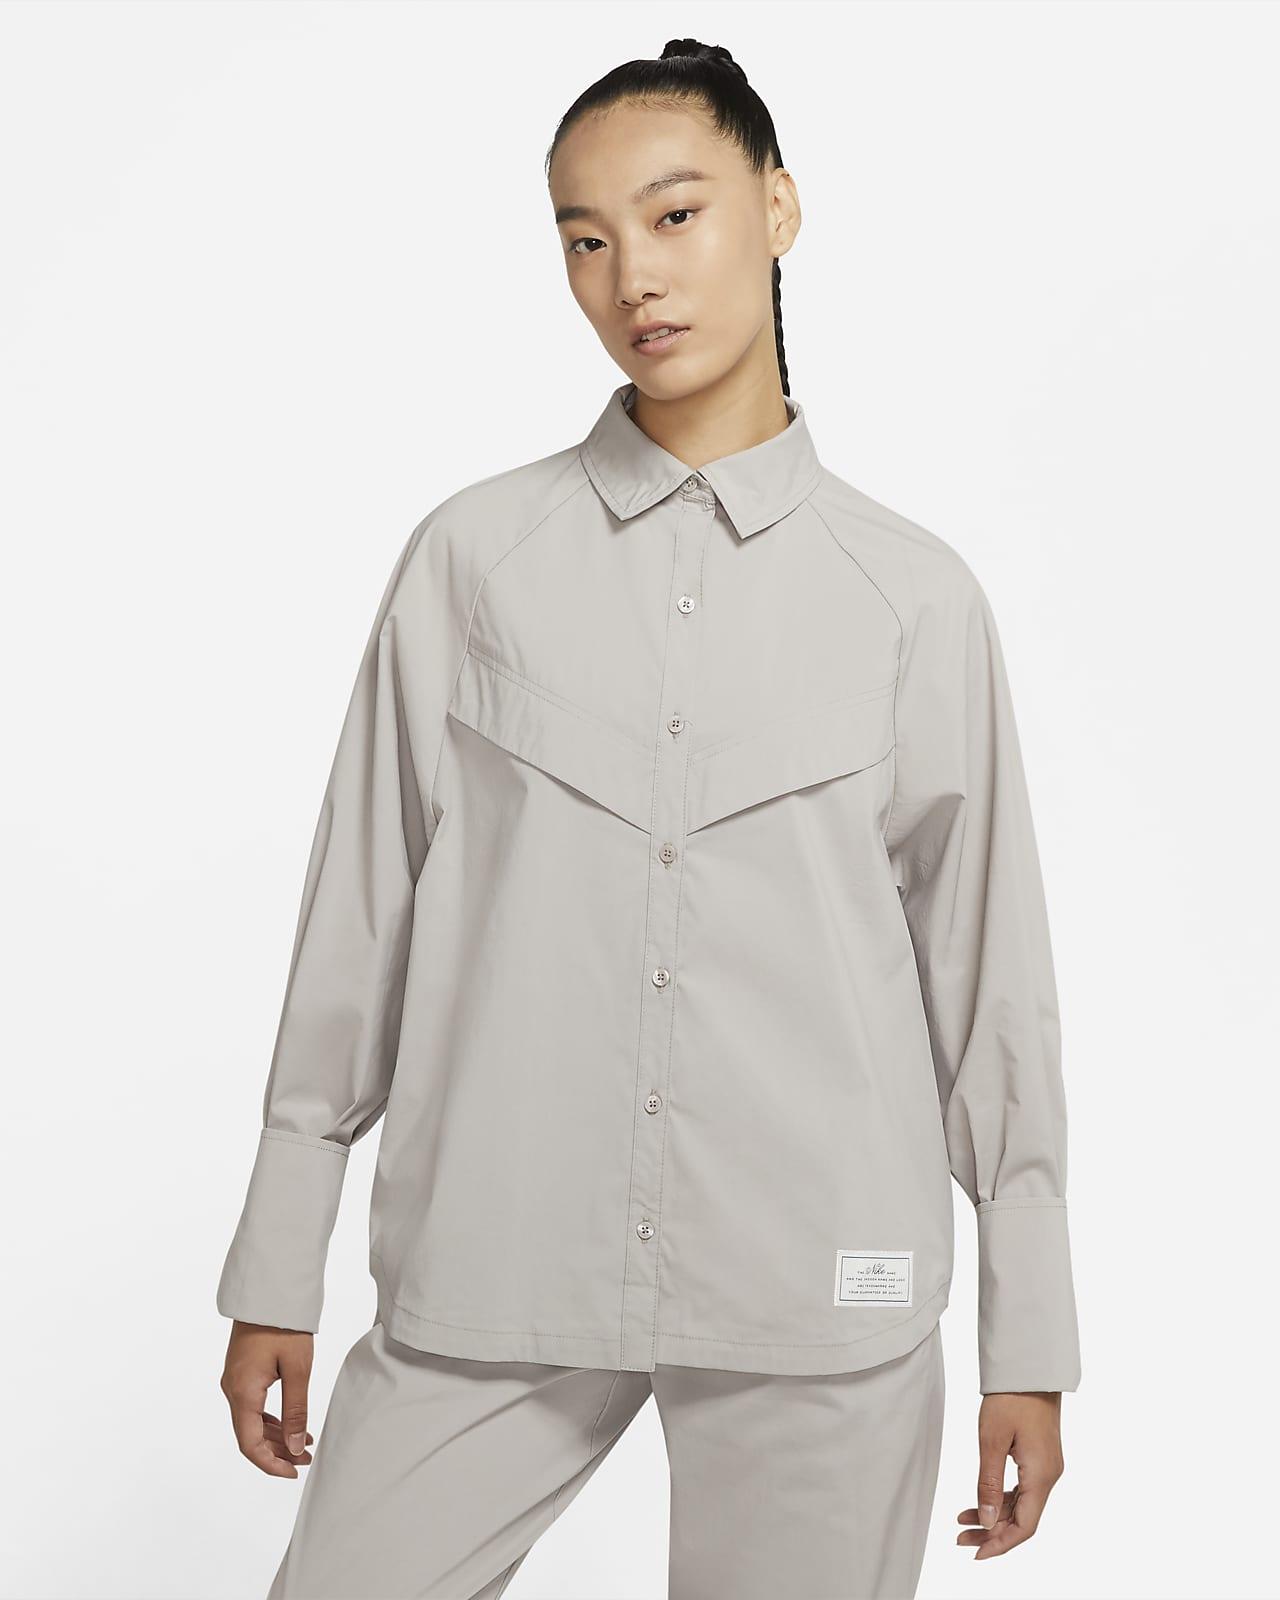 Nike Sportswear Icon Clash 女子长袖上衣